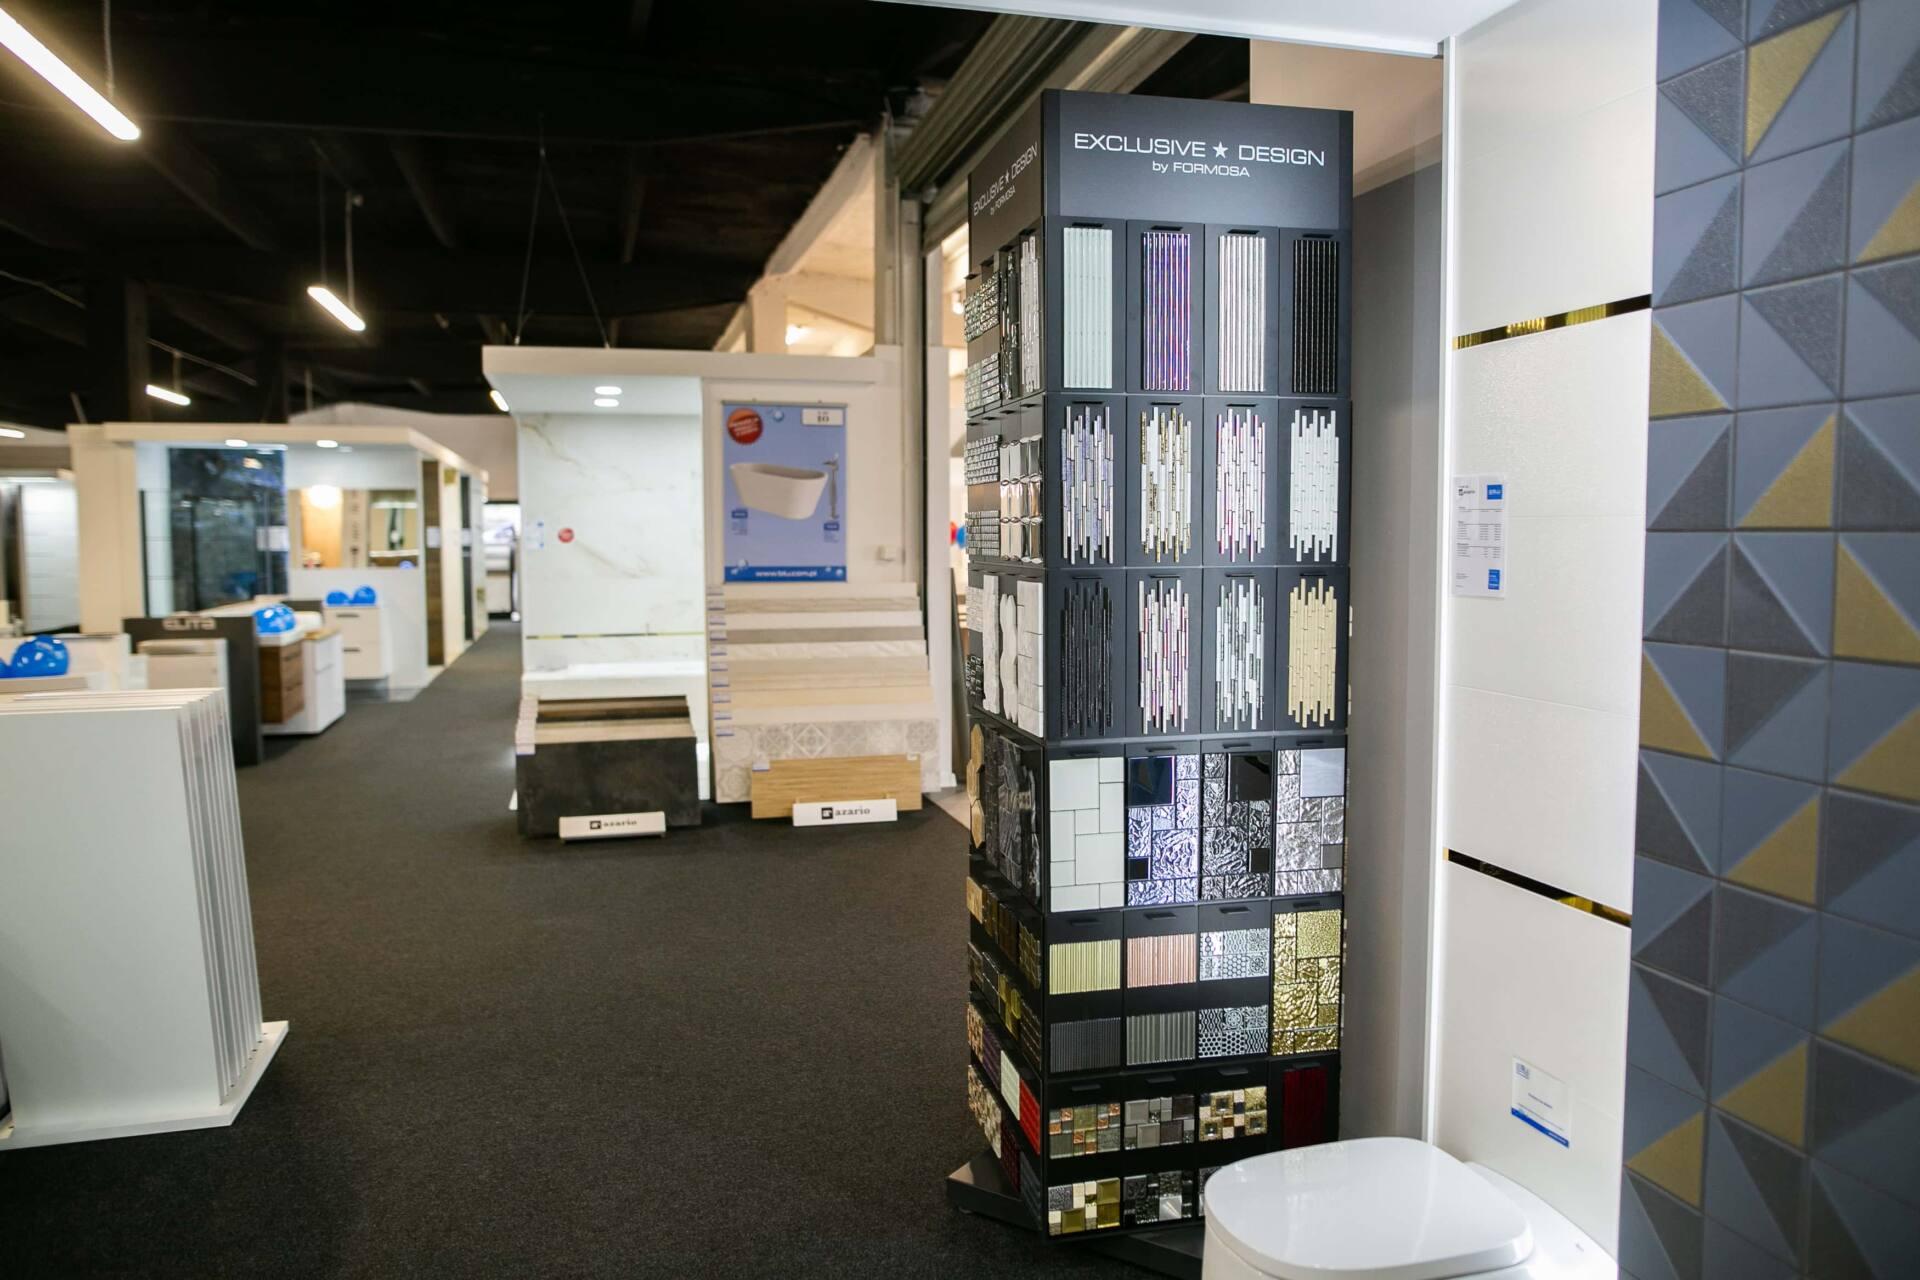 5db 5580 Nowy salon łazienek BLU w Zamościu już otwarty! Publikujemy 80 zdjęć